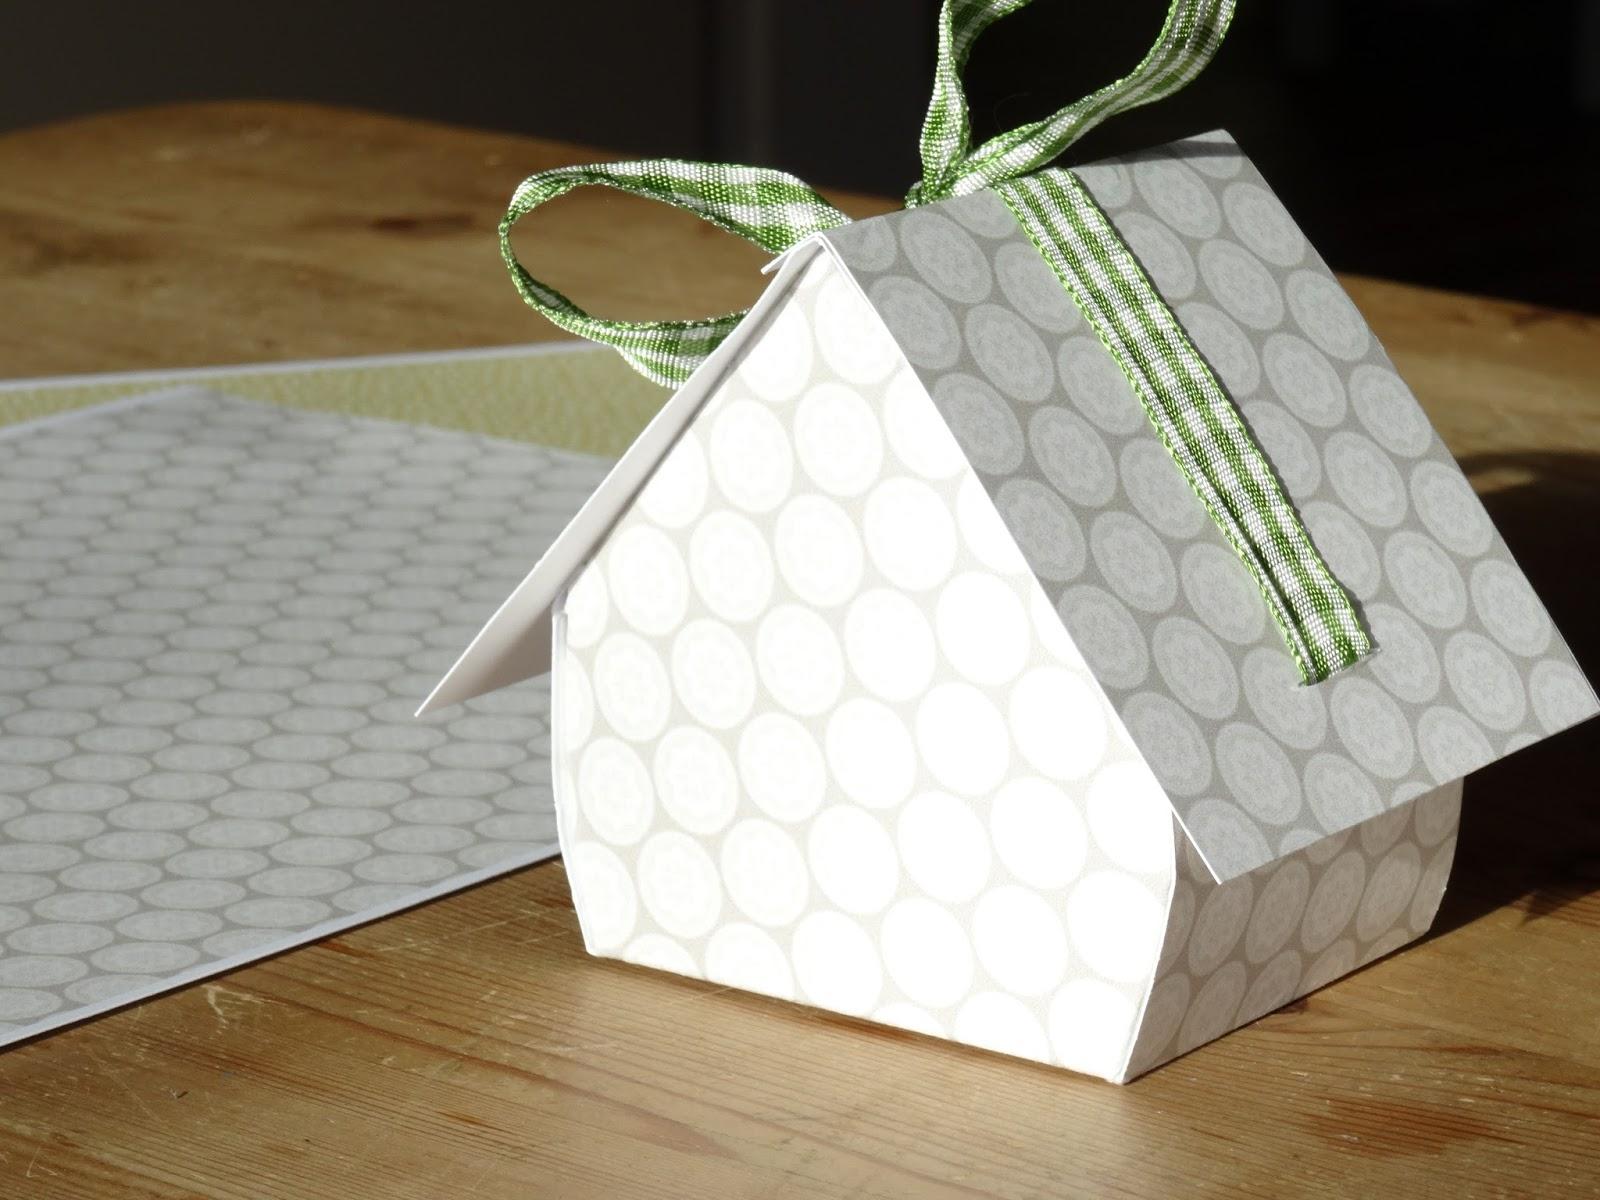 majamade basteln f r die weihnachtszeit teil 1 kleine vogel weihnachtsh uschen zum verschenken. Black Bedroom Furniture Sets. Home Design Ideas